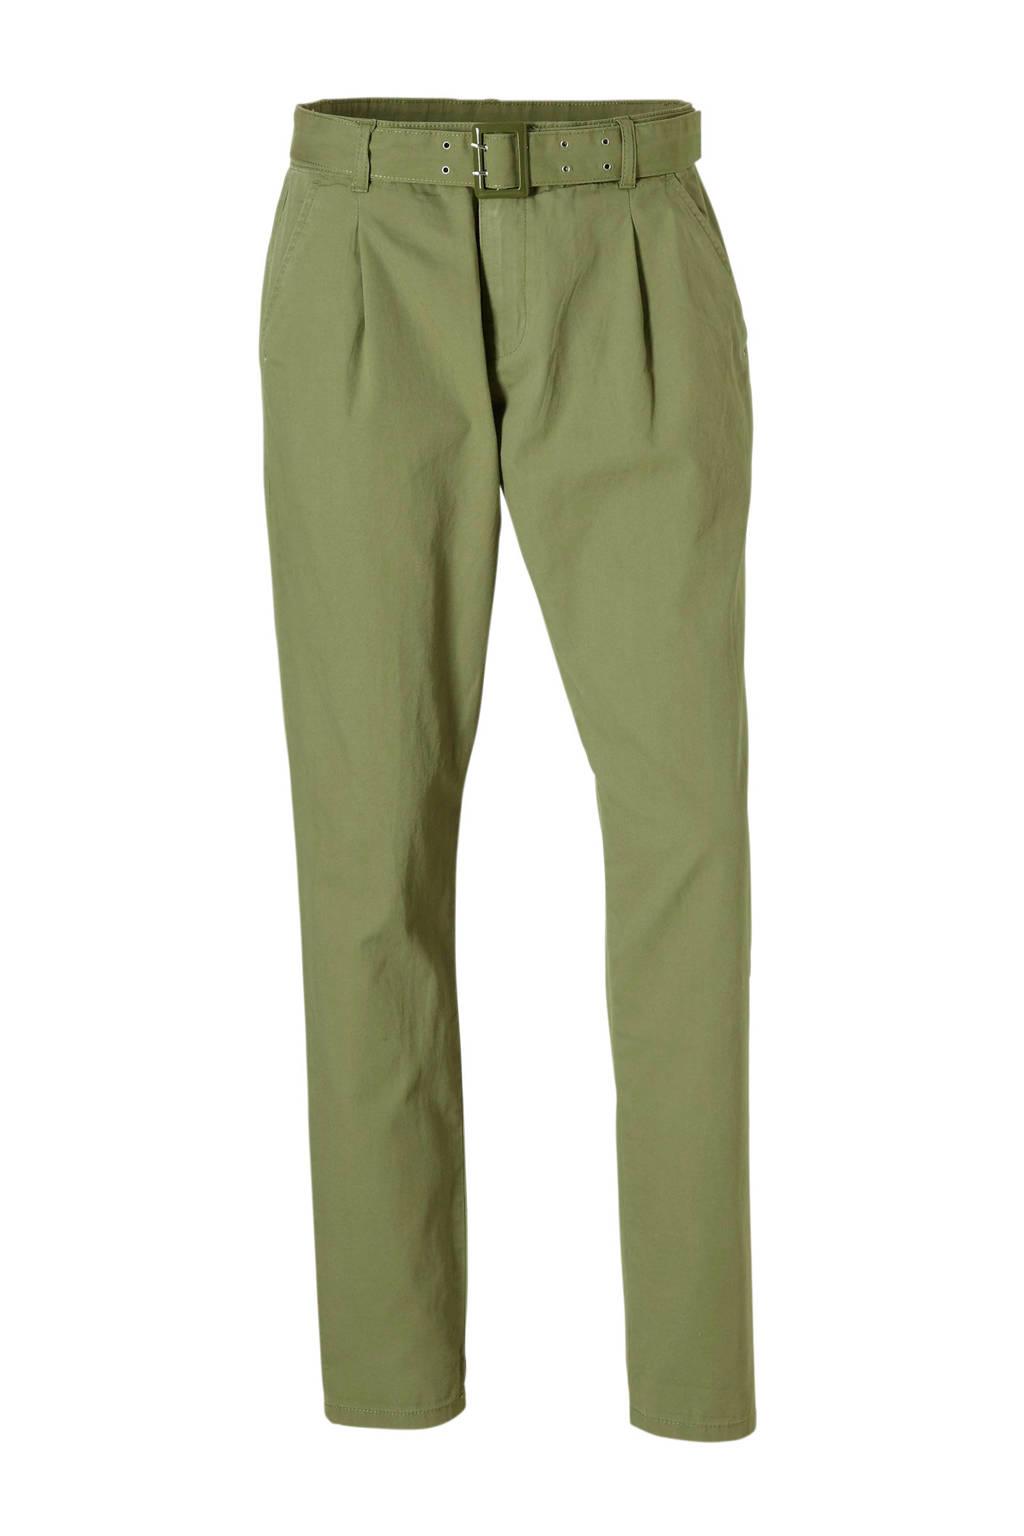 C&A Yessica broek met ceintuur groen, Olijfgroen